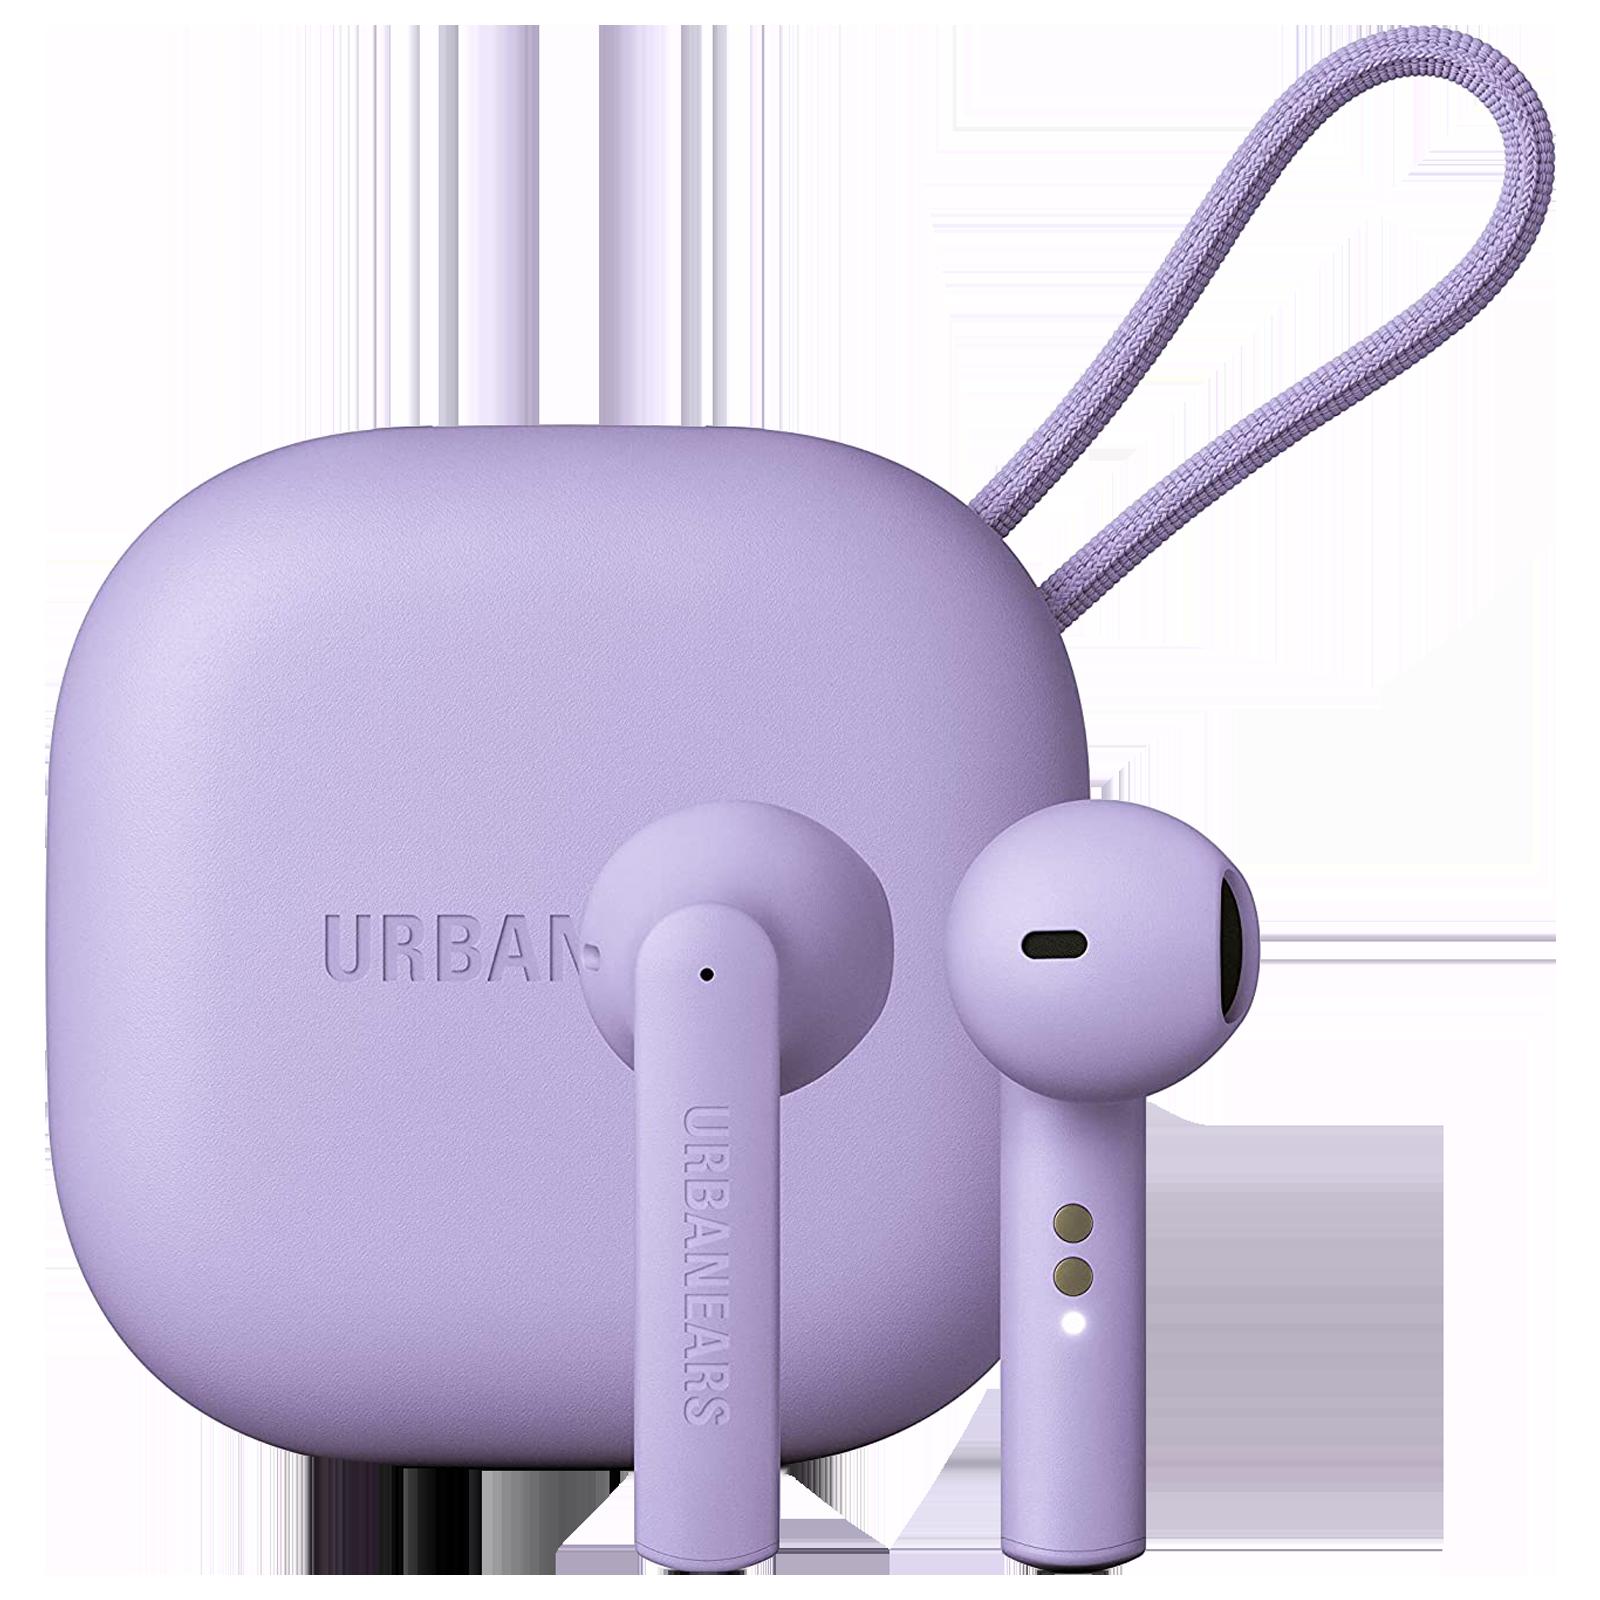 Urbanears Luma In-Ear Truly Wireless Earbuds with Mic (Bluetooth 5.0, Wear Detect Sensor, UE-LUMA-VLT, Ultra Violet)_1